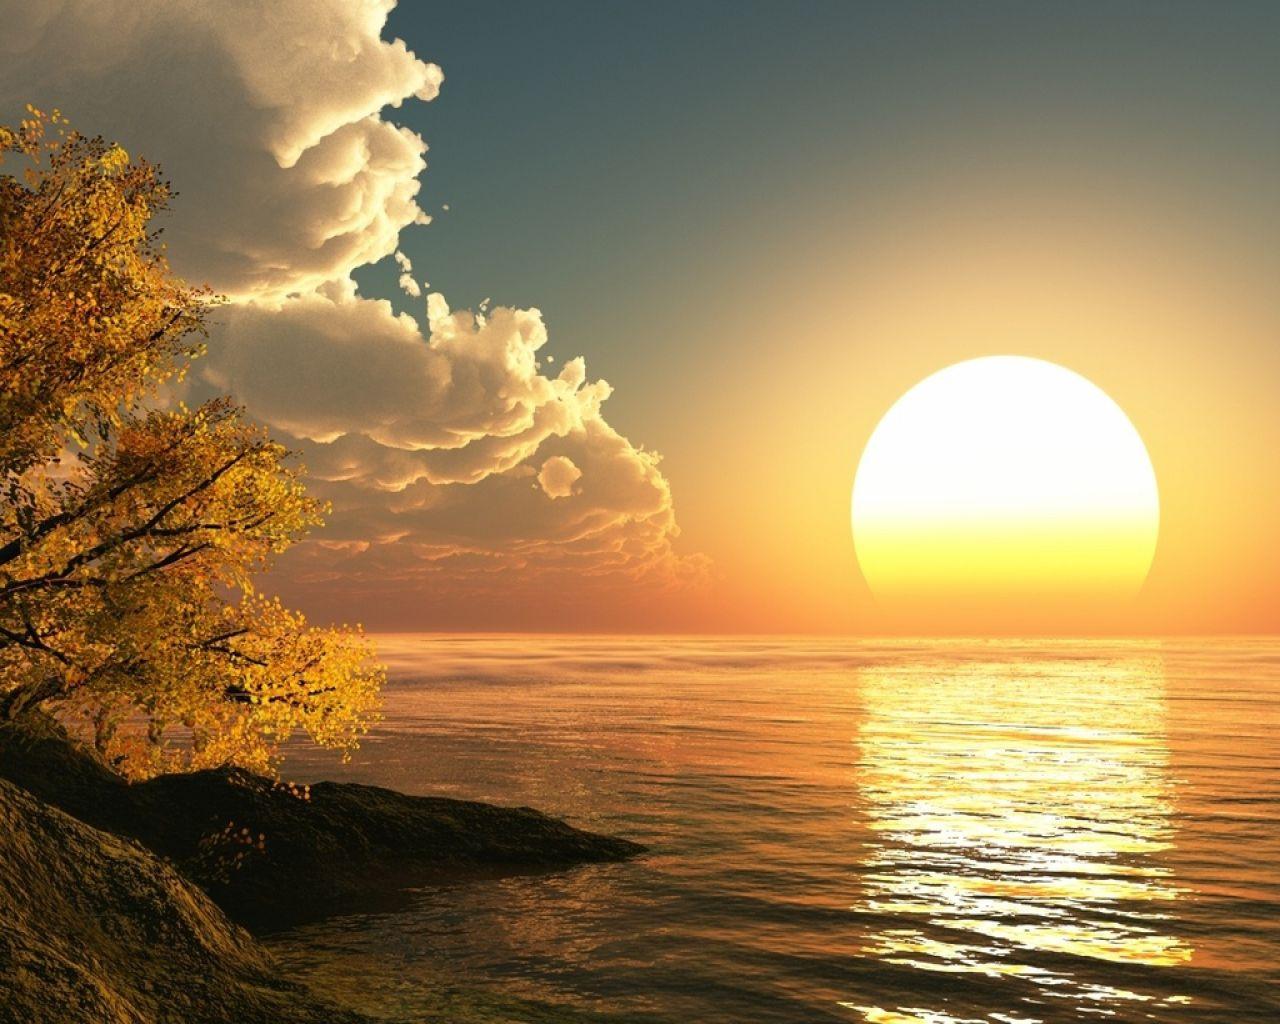 Maravillosas Imagenes De Paisajes Del Mar Orto Paisajes Paisaje Amanecer